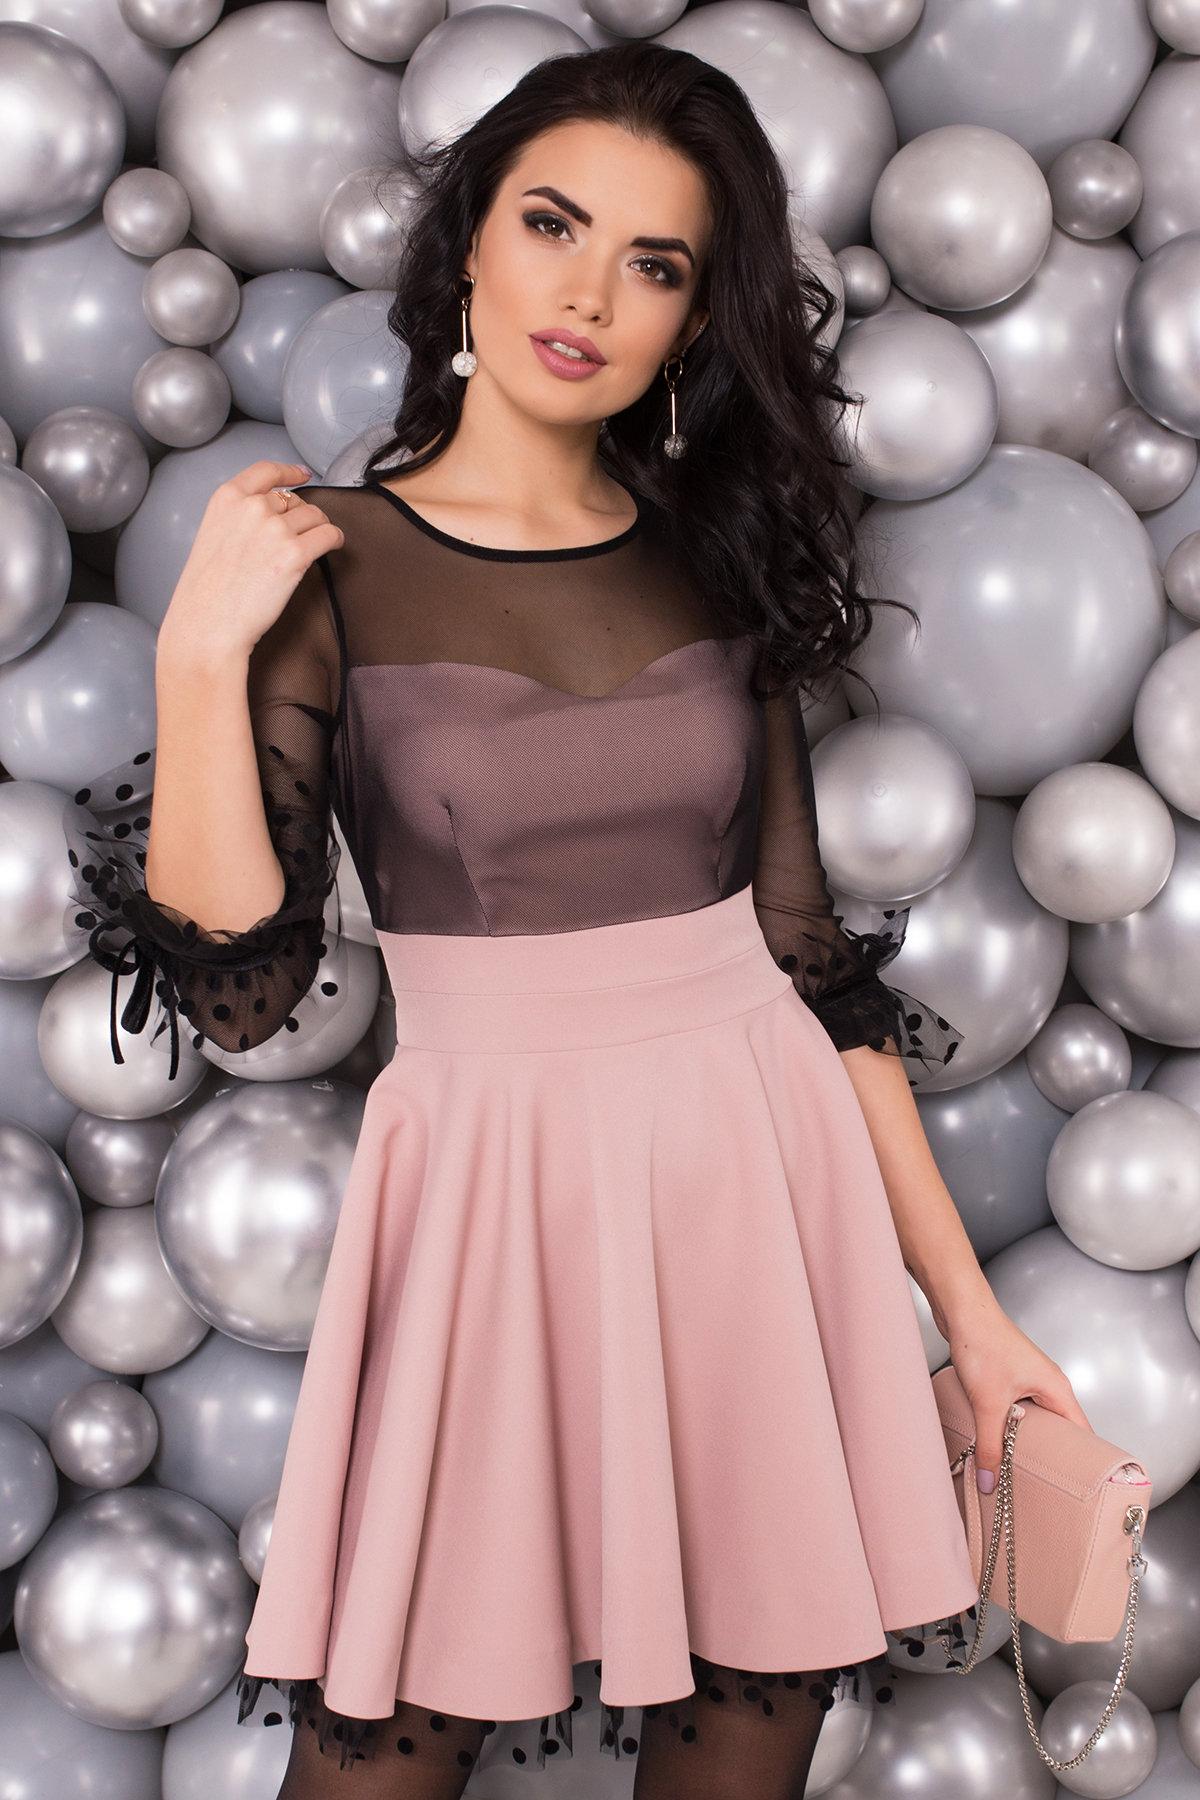 Нарядное платье Адриана 6022 АРТ. 45120 Цвет: Пудра/Черный - фото 4, интернет магазин tm-modus.ru